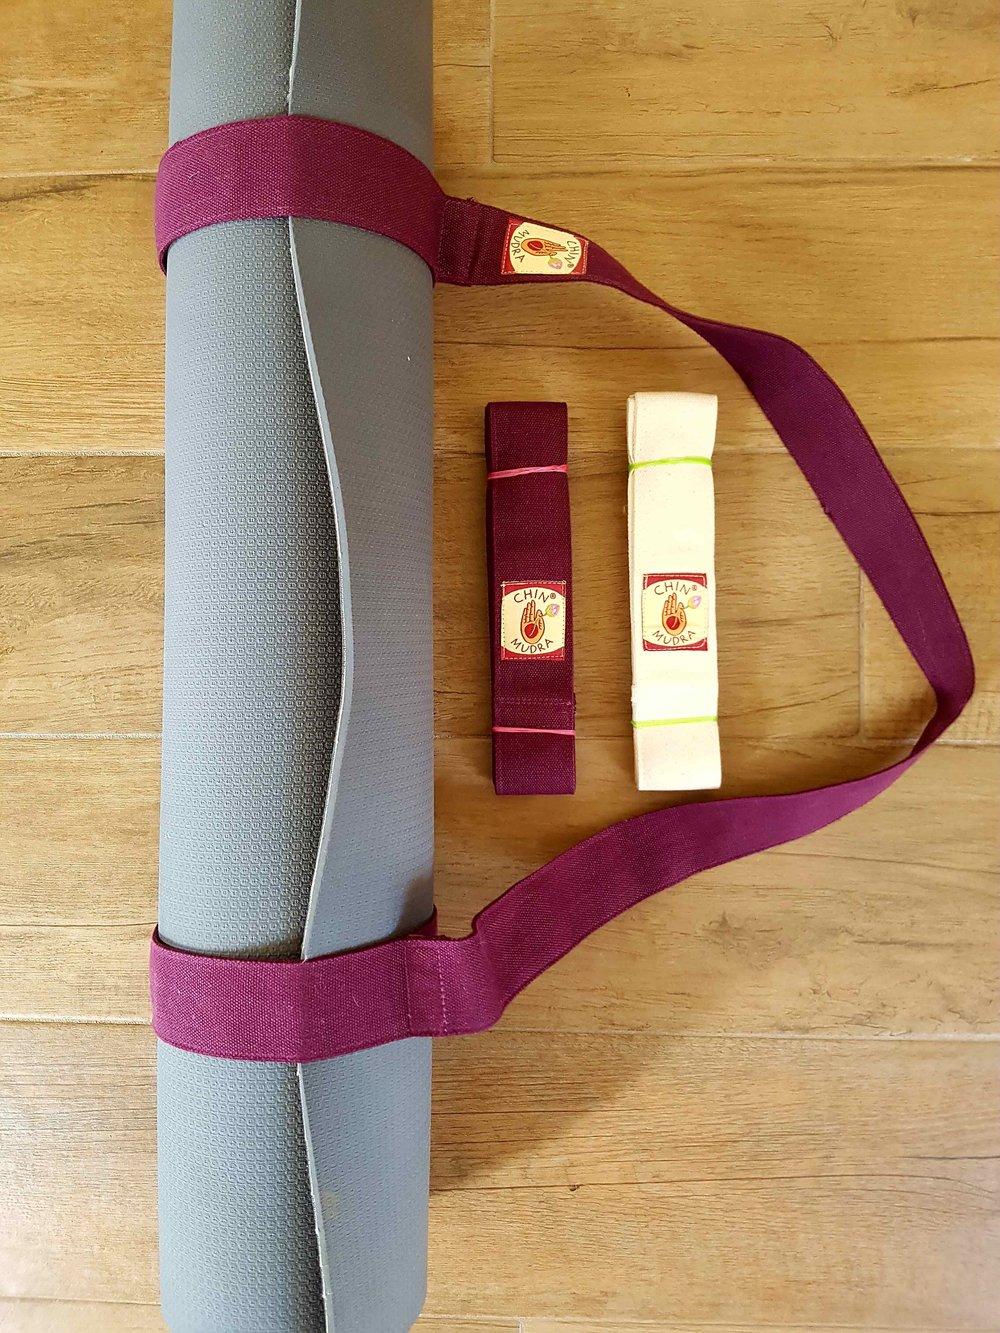 Sangles de tapis - Sangle de transport 14€TTC100% coton issue de l'agriculture biologique. Pratique pour transporter un tapis de yoga. Le tapis reste maintenu grâce à une bande velcro. Couleur : écru disponible